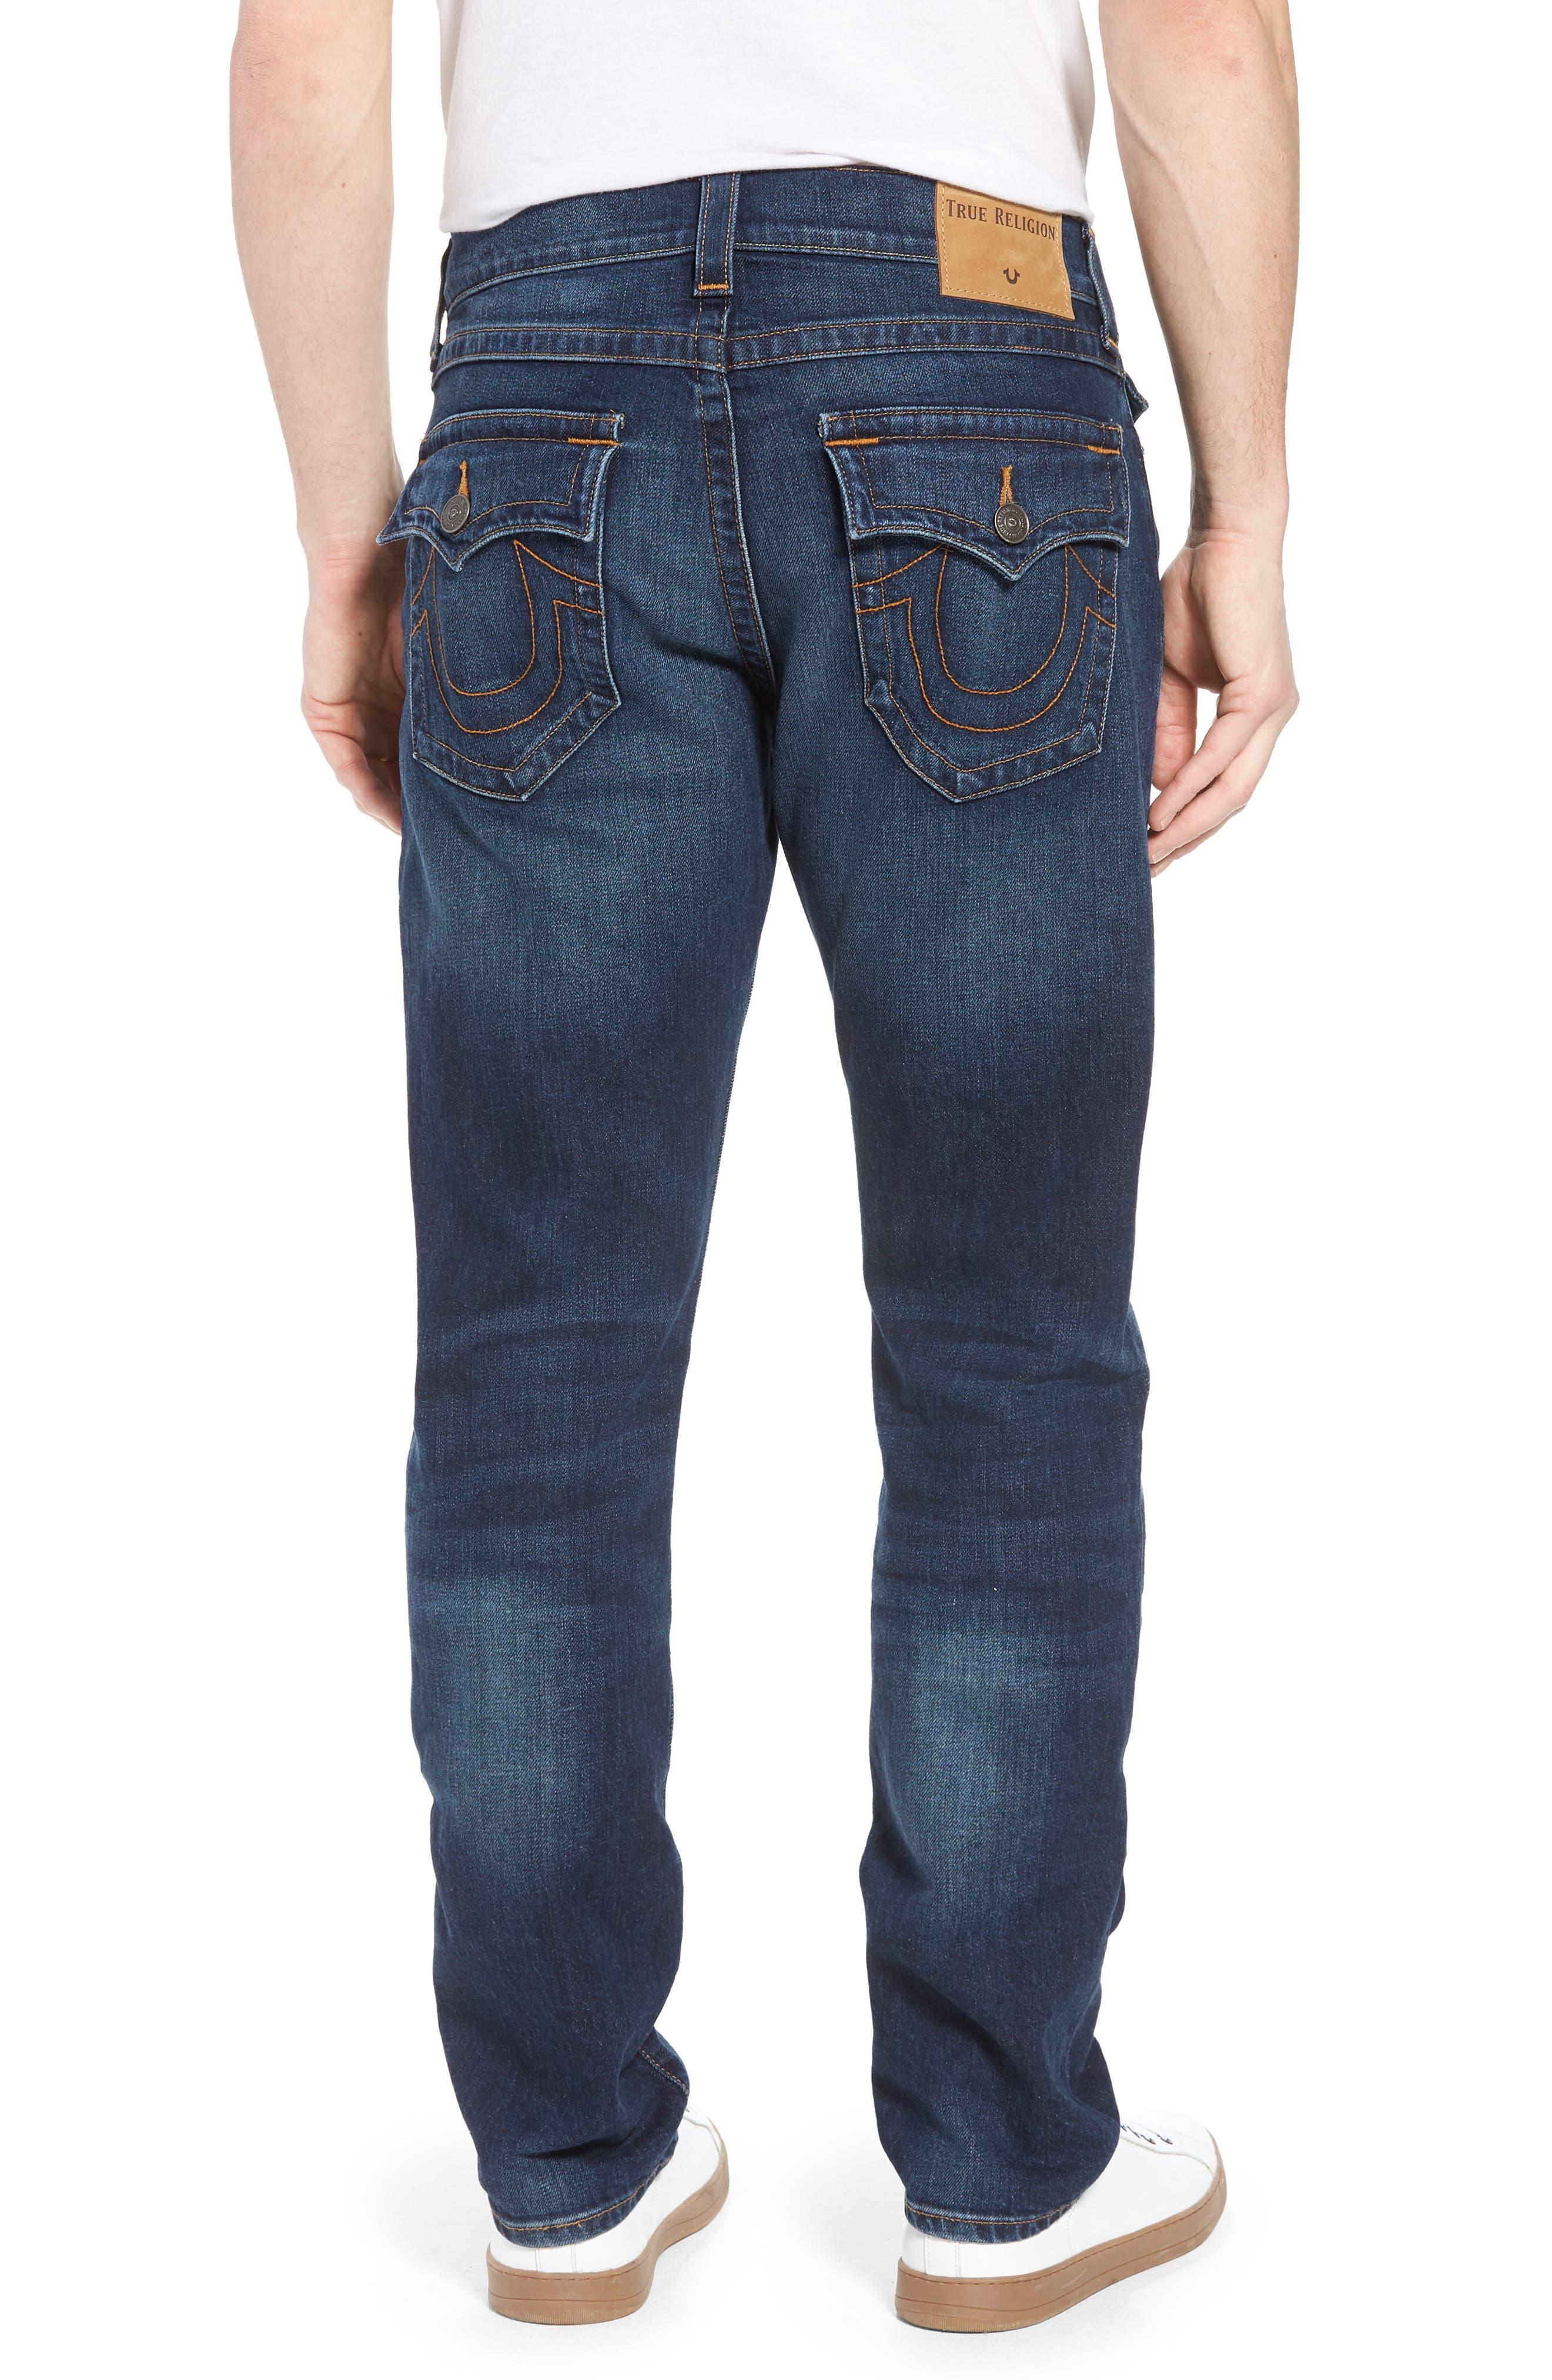 5f0b7ce2356 True Religion Brand Jeans for Men